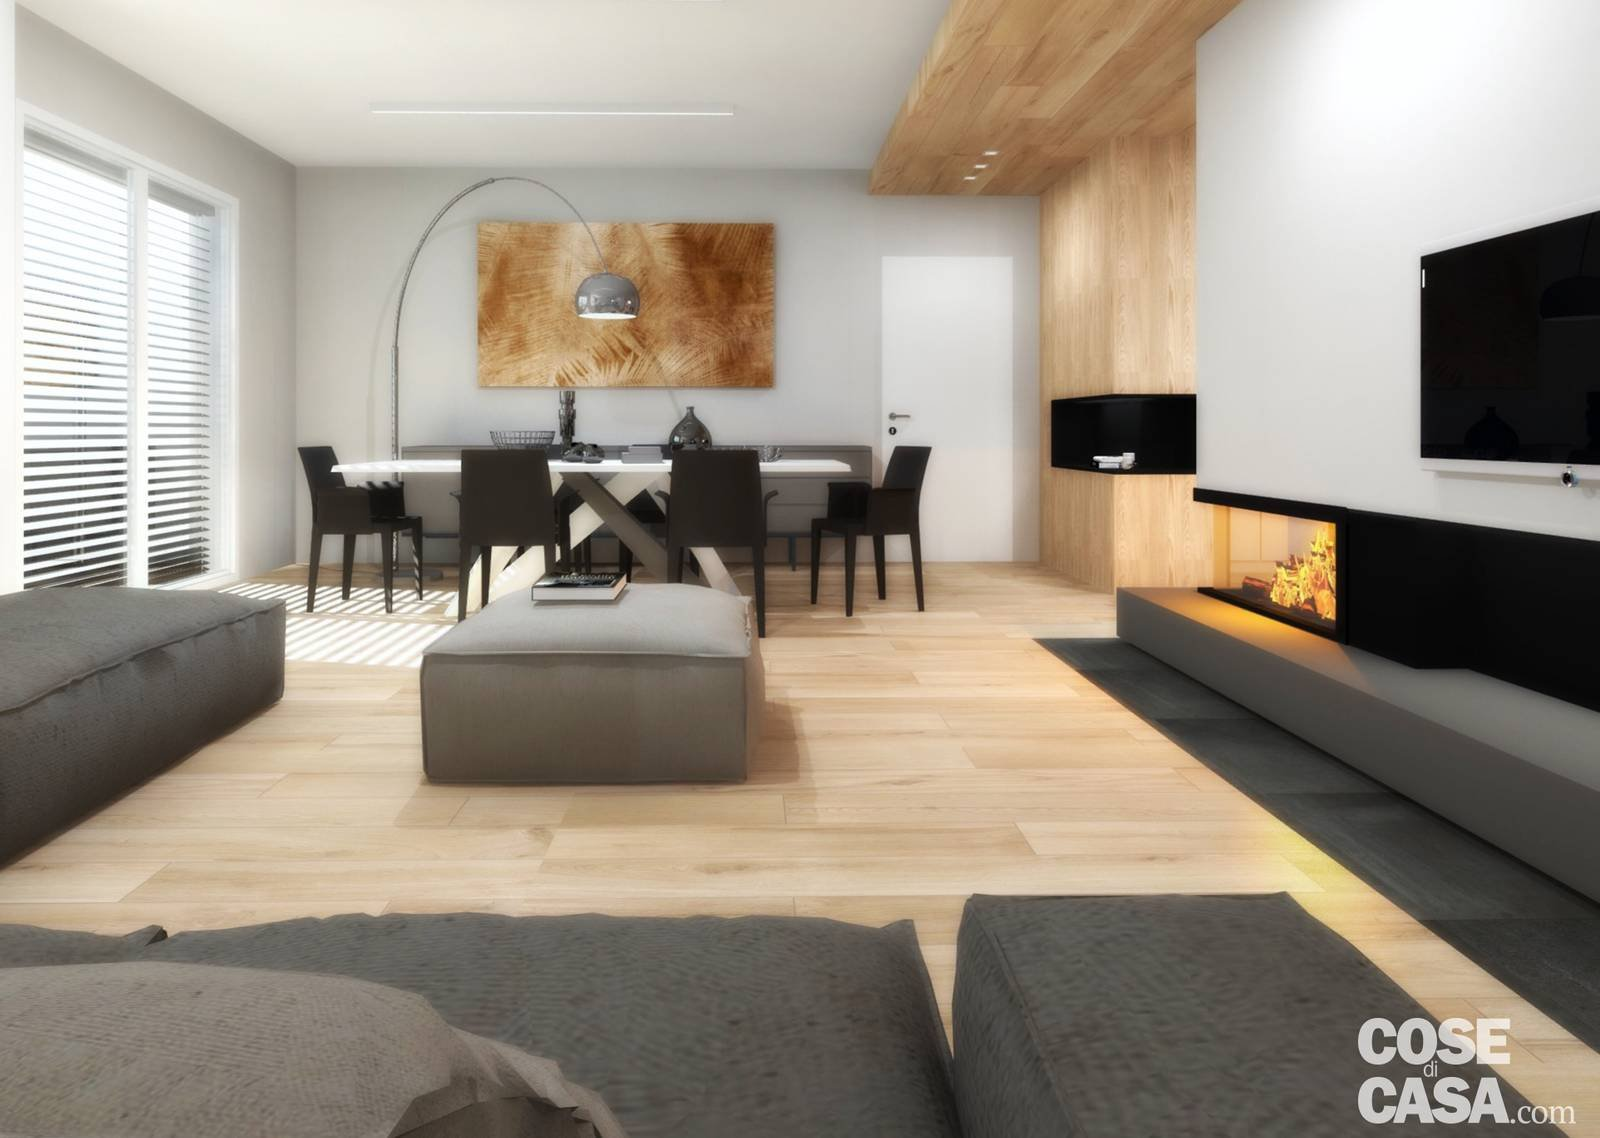 Cose La Camera Da Letto Padronale : Living open space nell appartamento con mansarda cose di casa